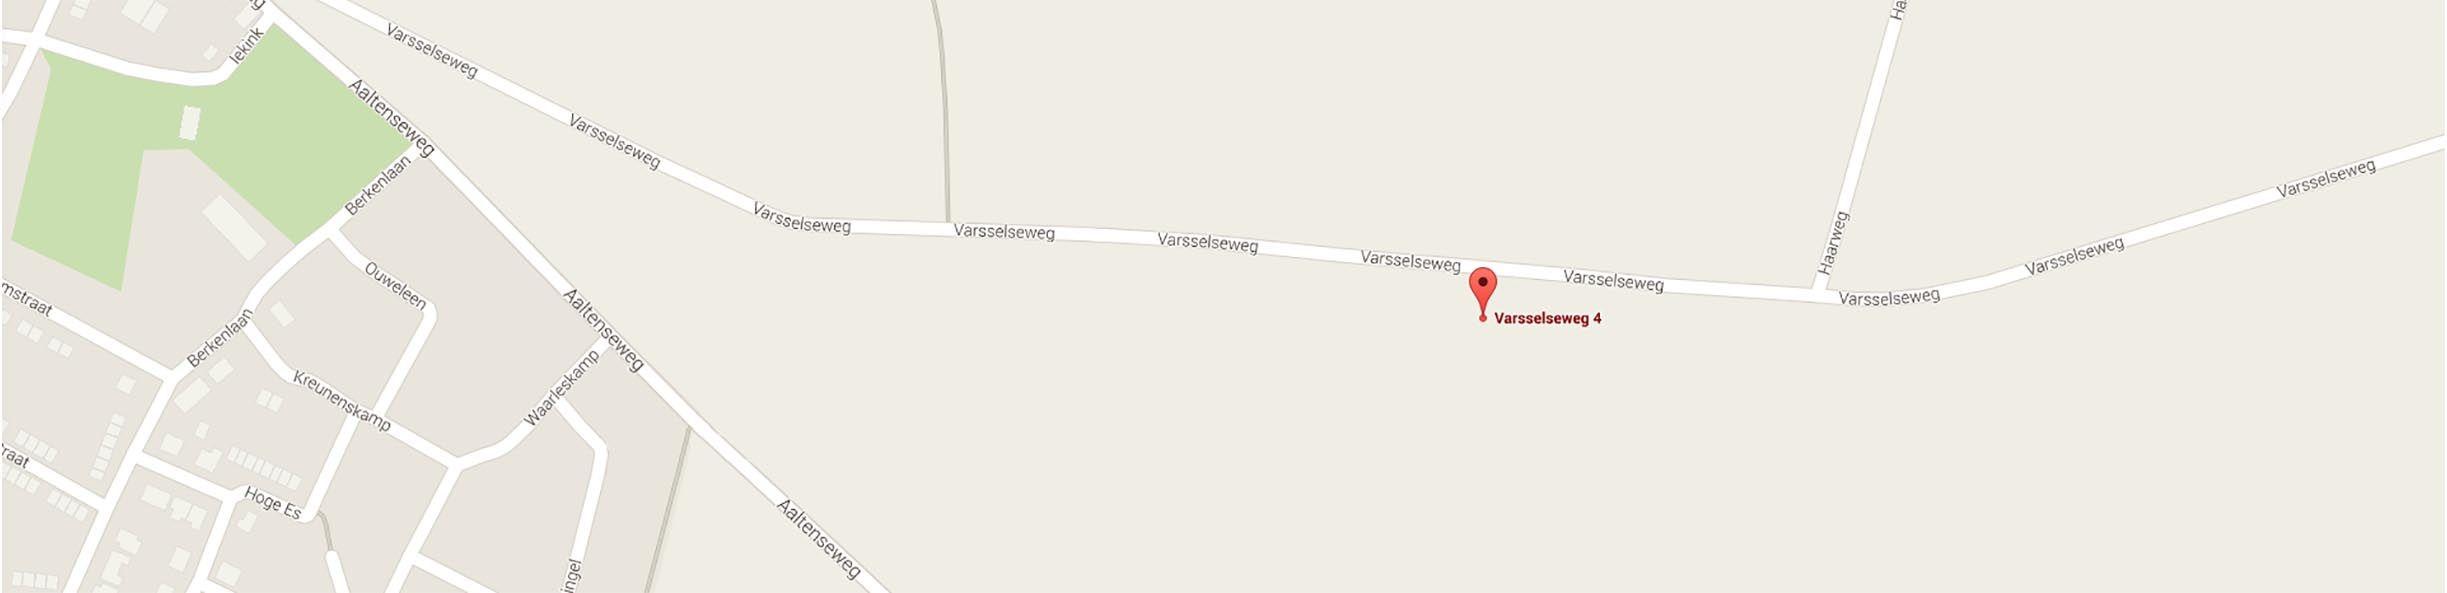 http://www.echterendieren.nl/uploads/images/header/Contact_Landkaart.jpg